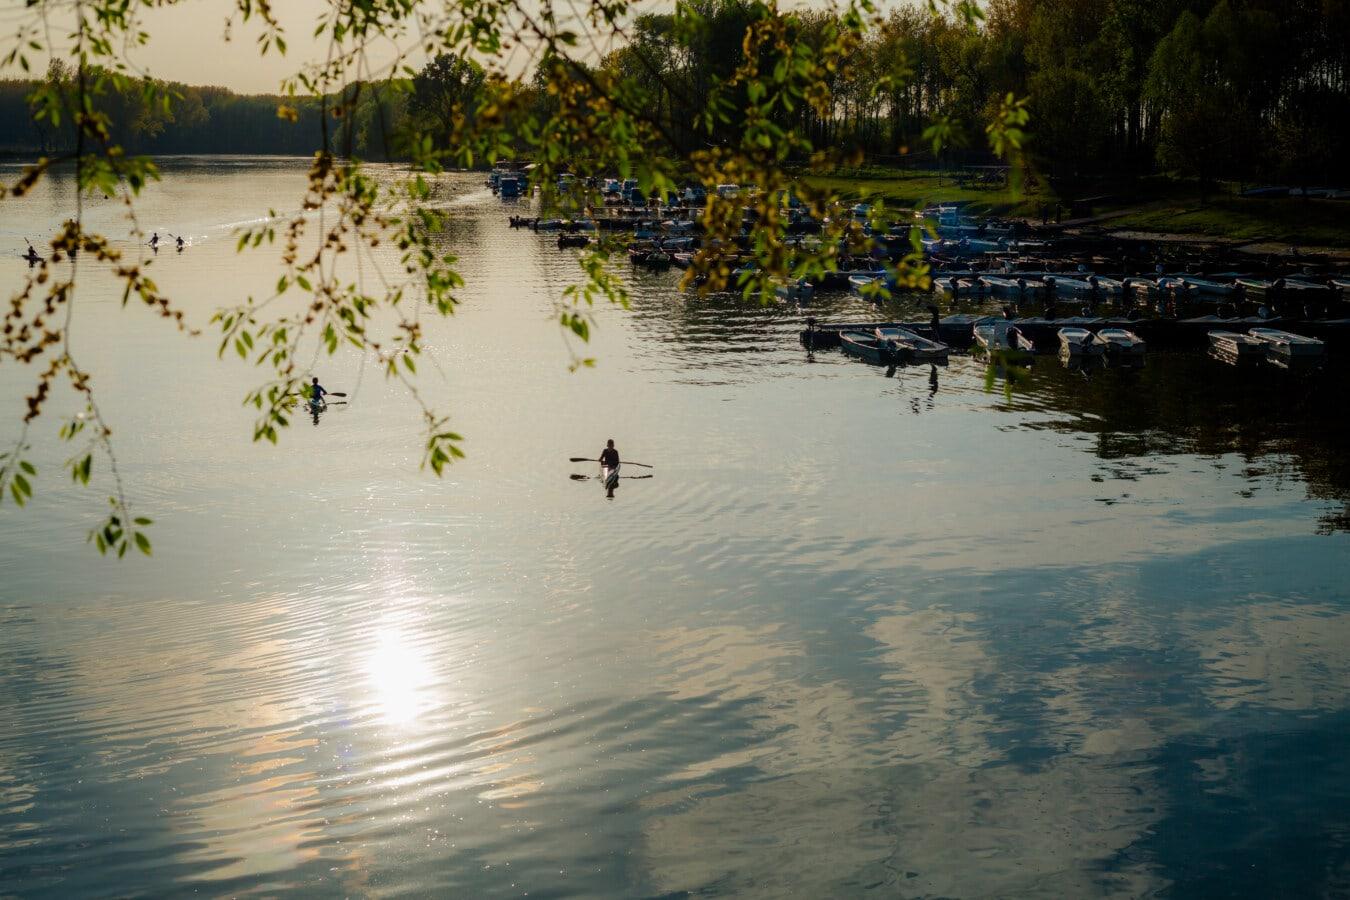 Dämmerung, Kajak fahren, Hafen, ruhig, Ruhe, Landschaft, Wasser, See, Reflexion, Becken